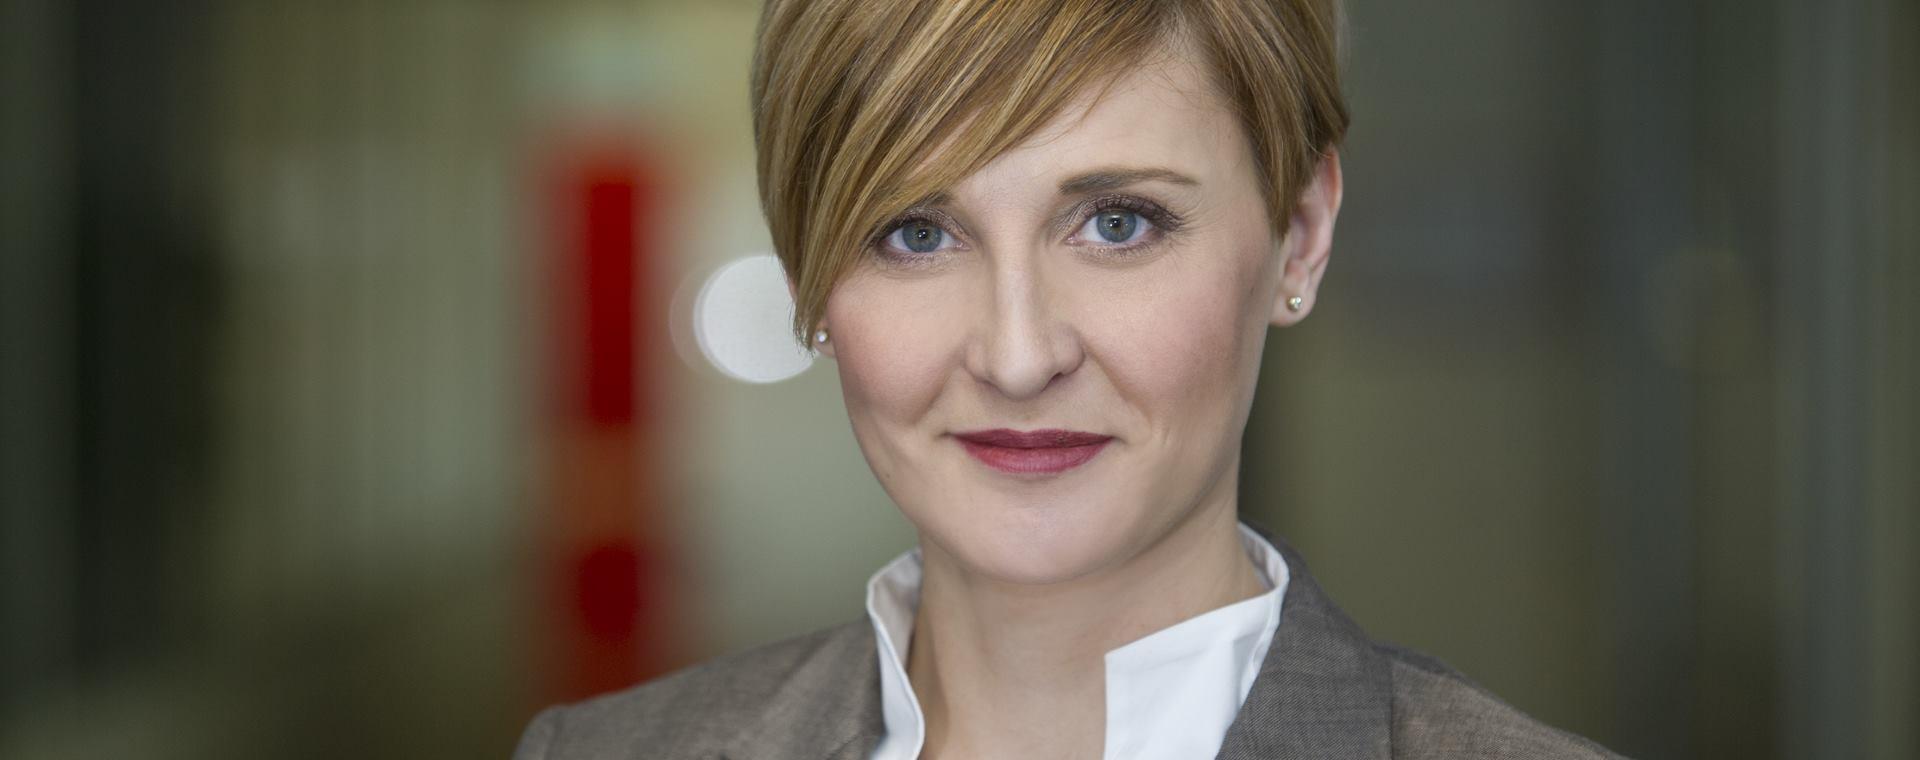 Ireni Domjanović produljen mandat članice Uprave Optima Telekoma